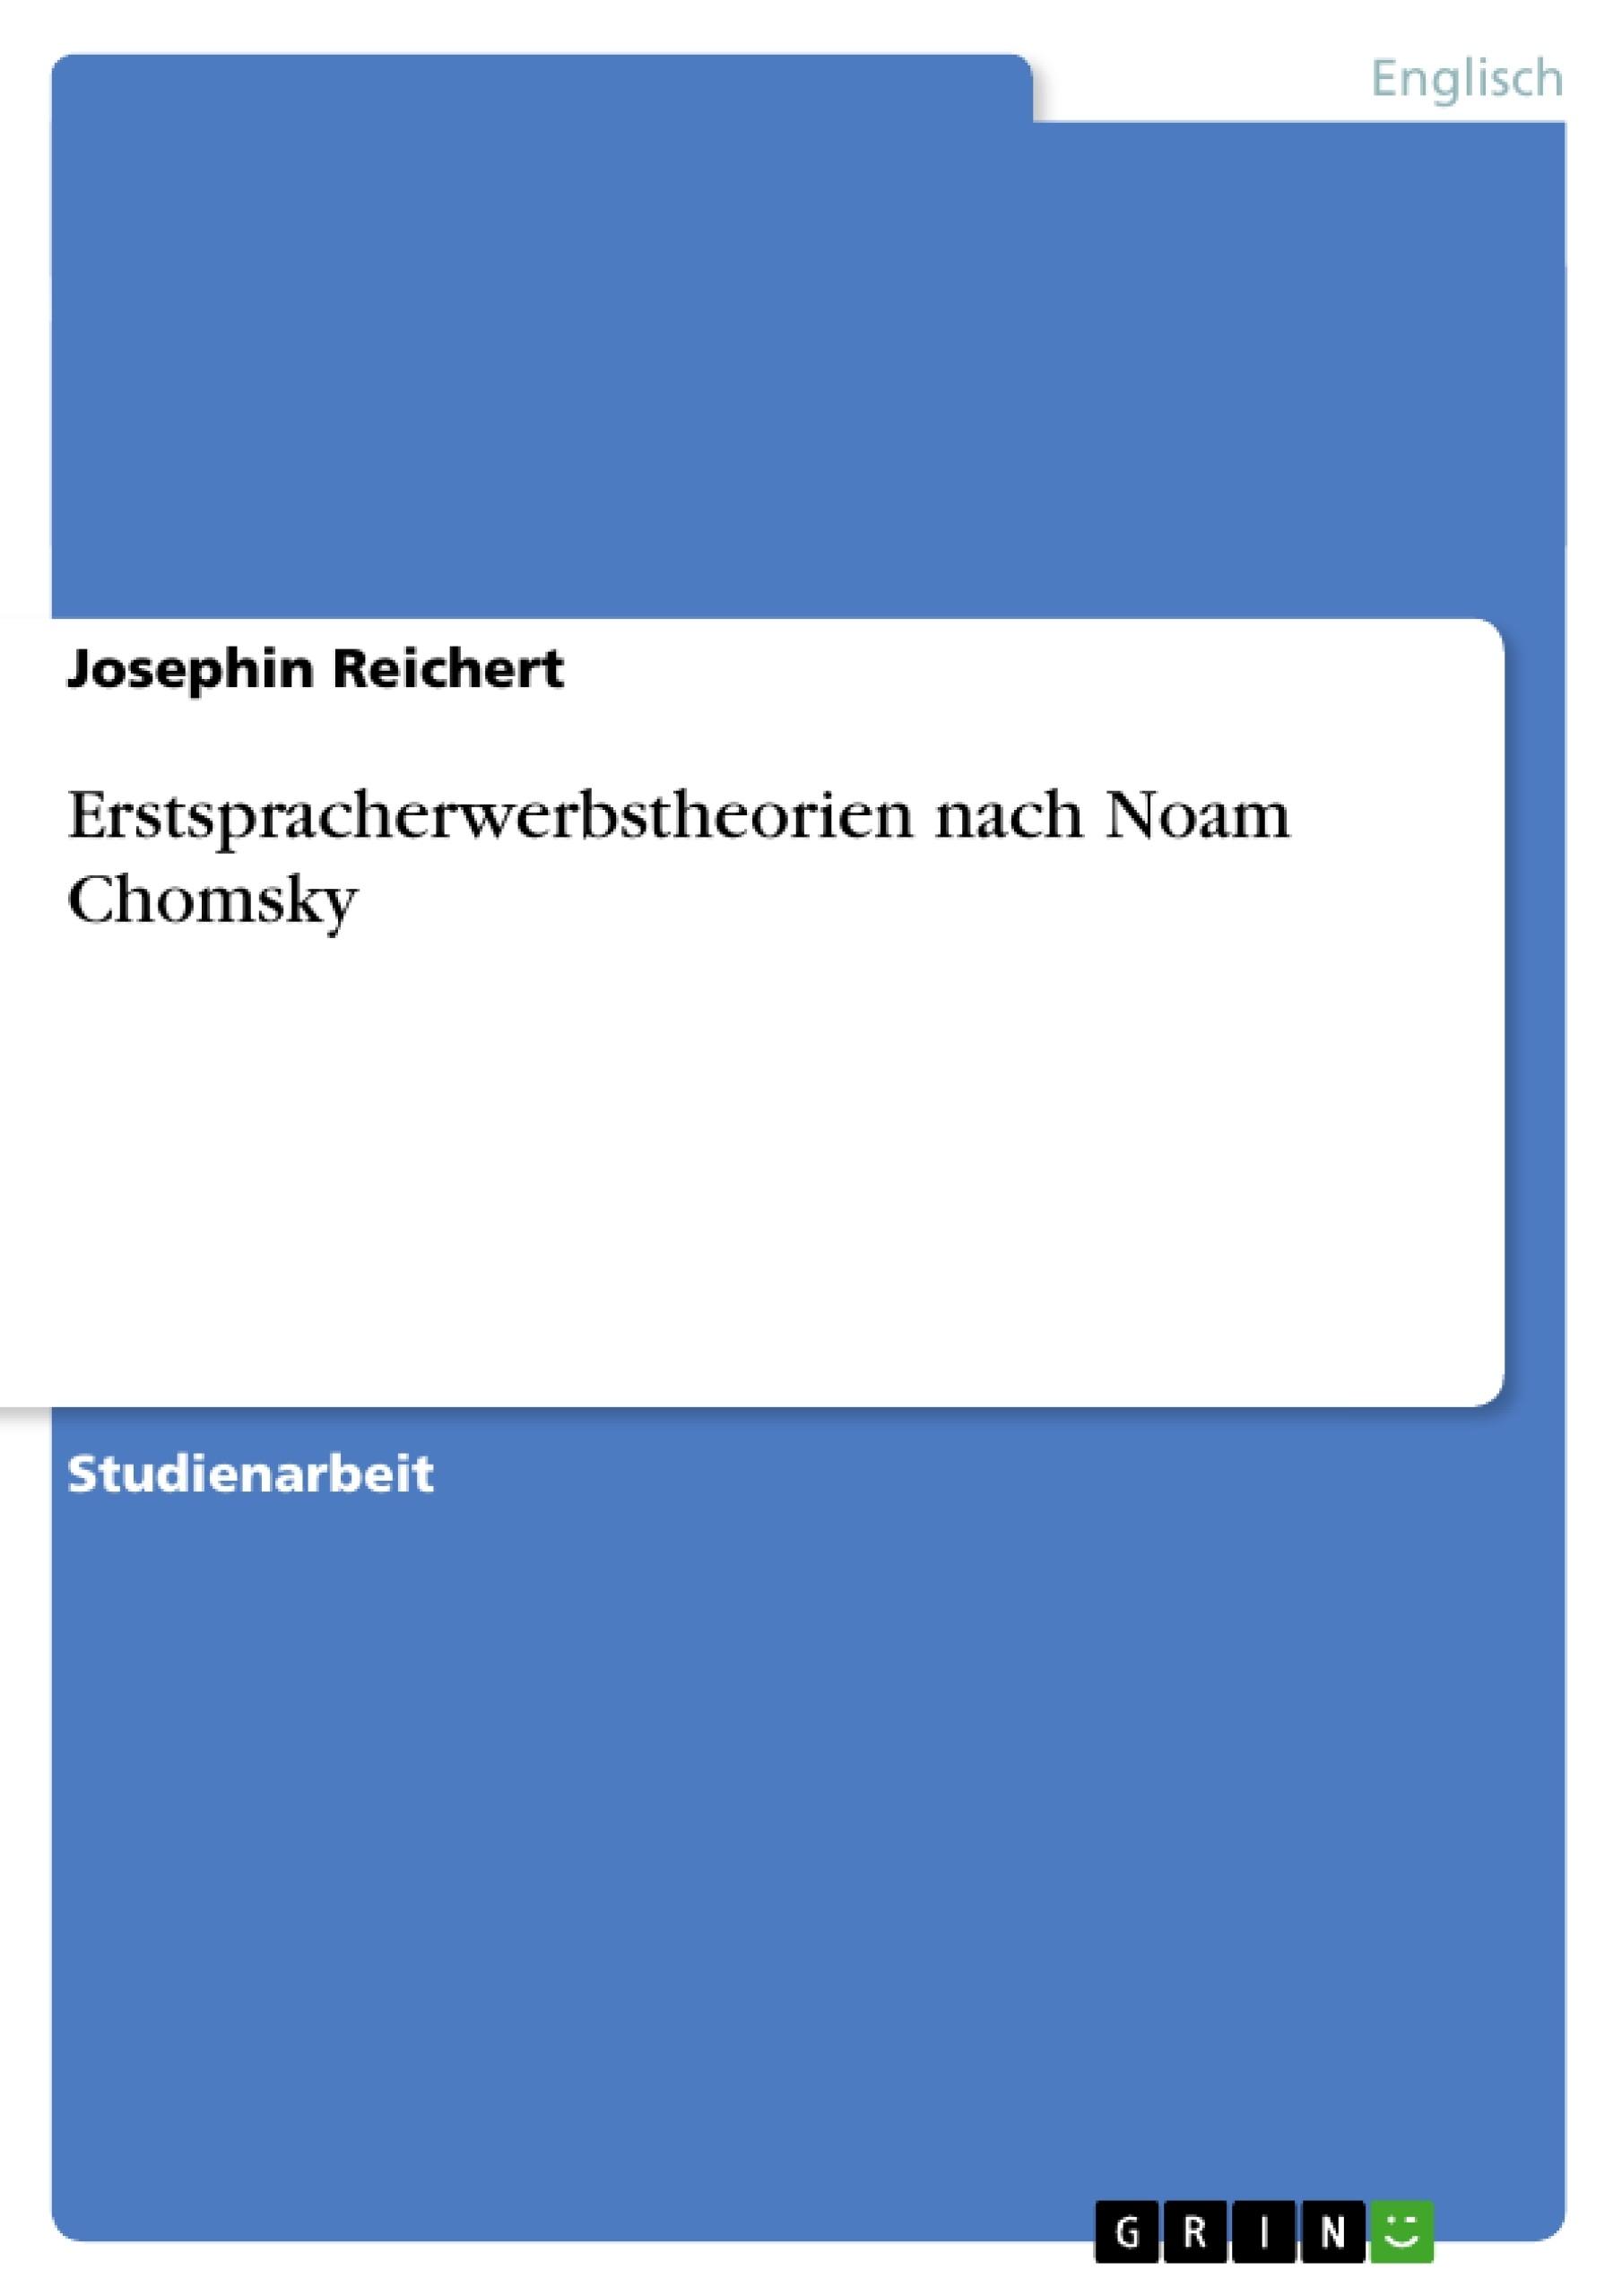 Titel: Erstspracherwerbstheorien nach Noam Chomsky